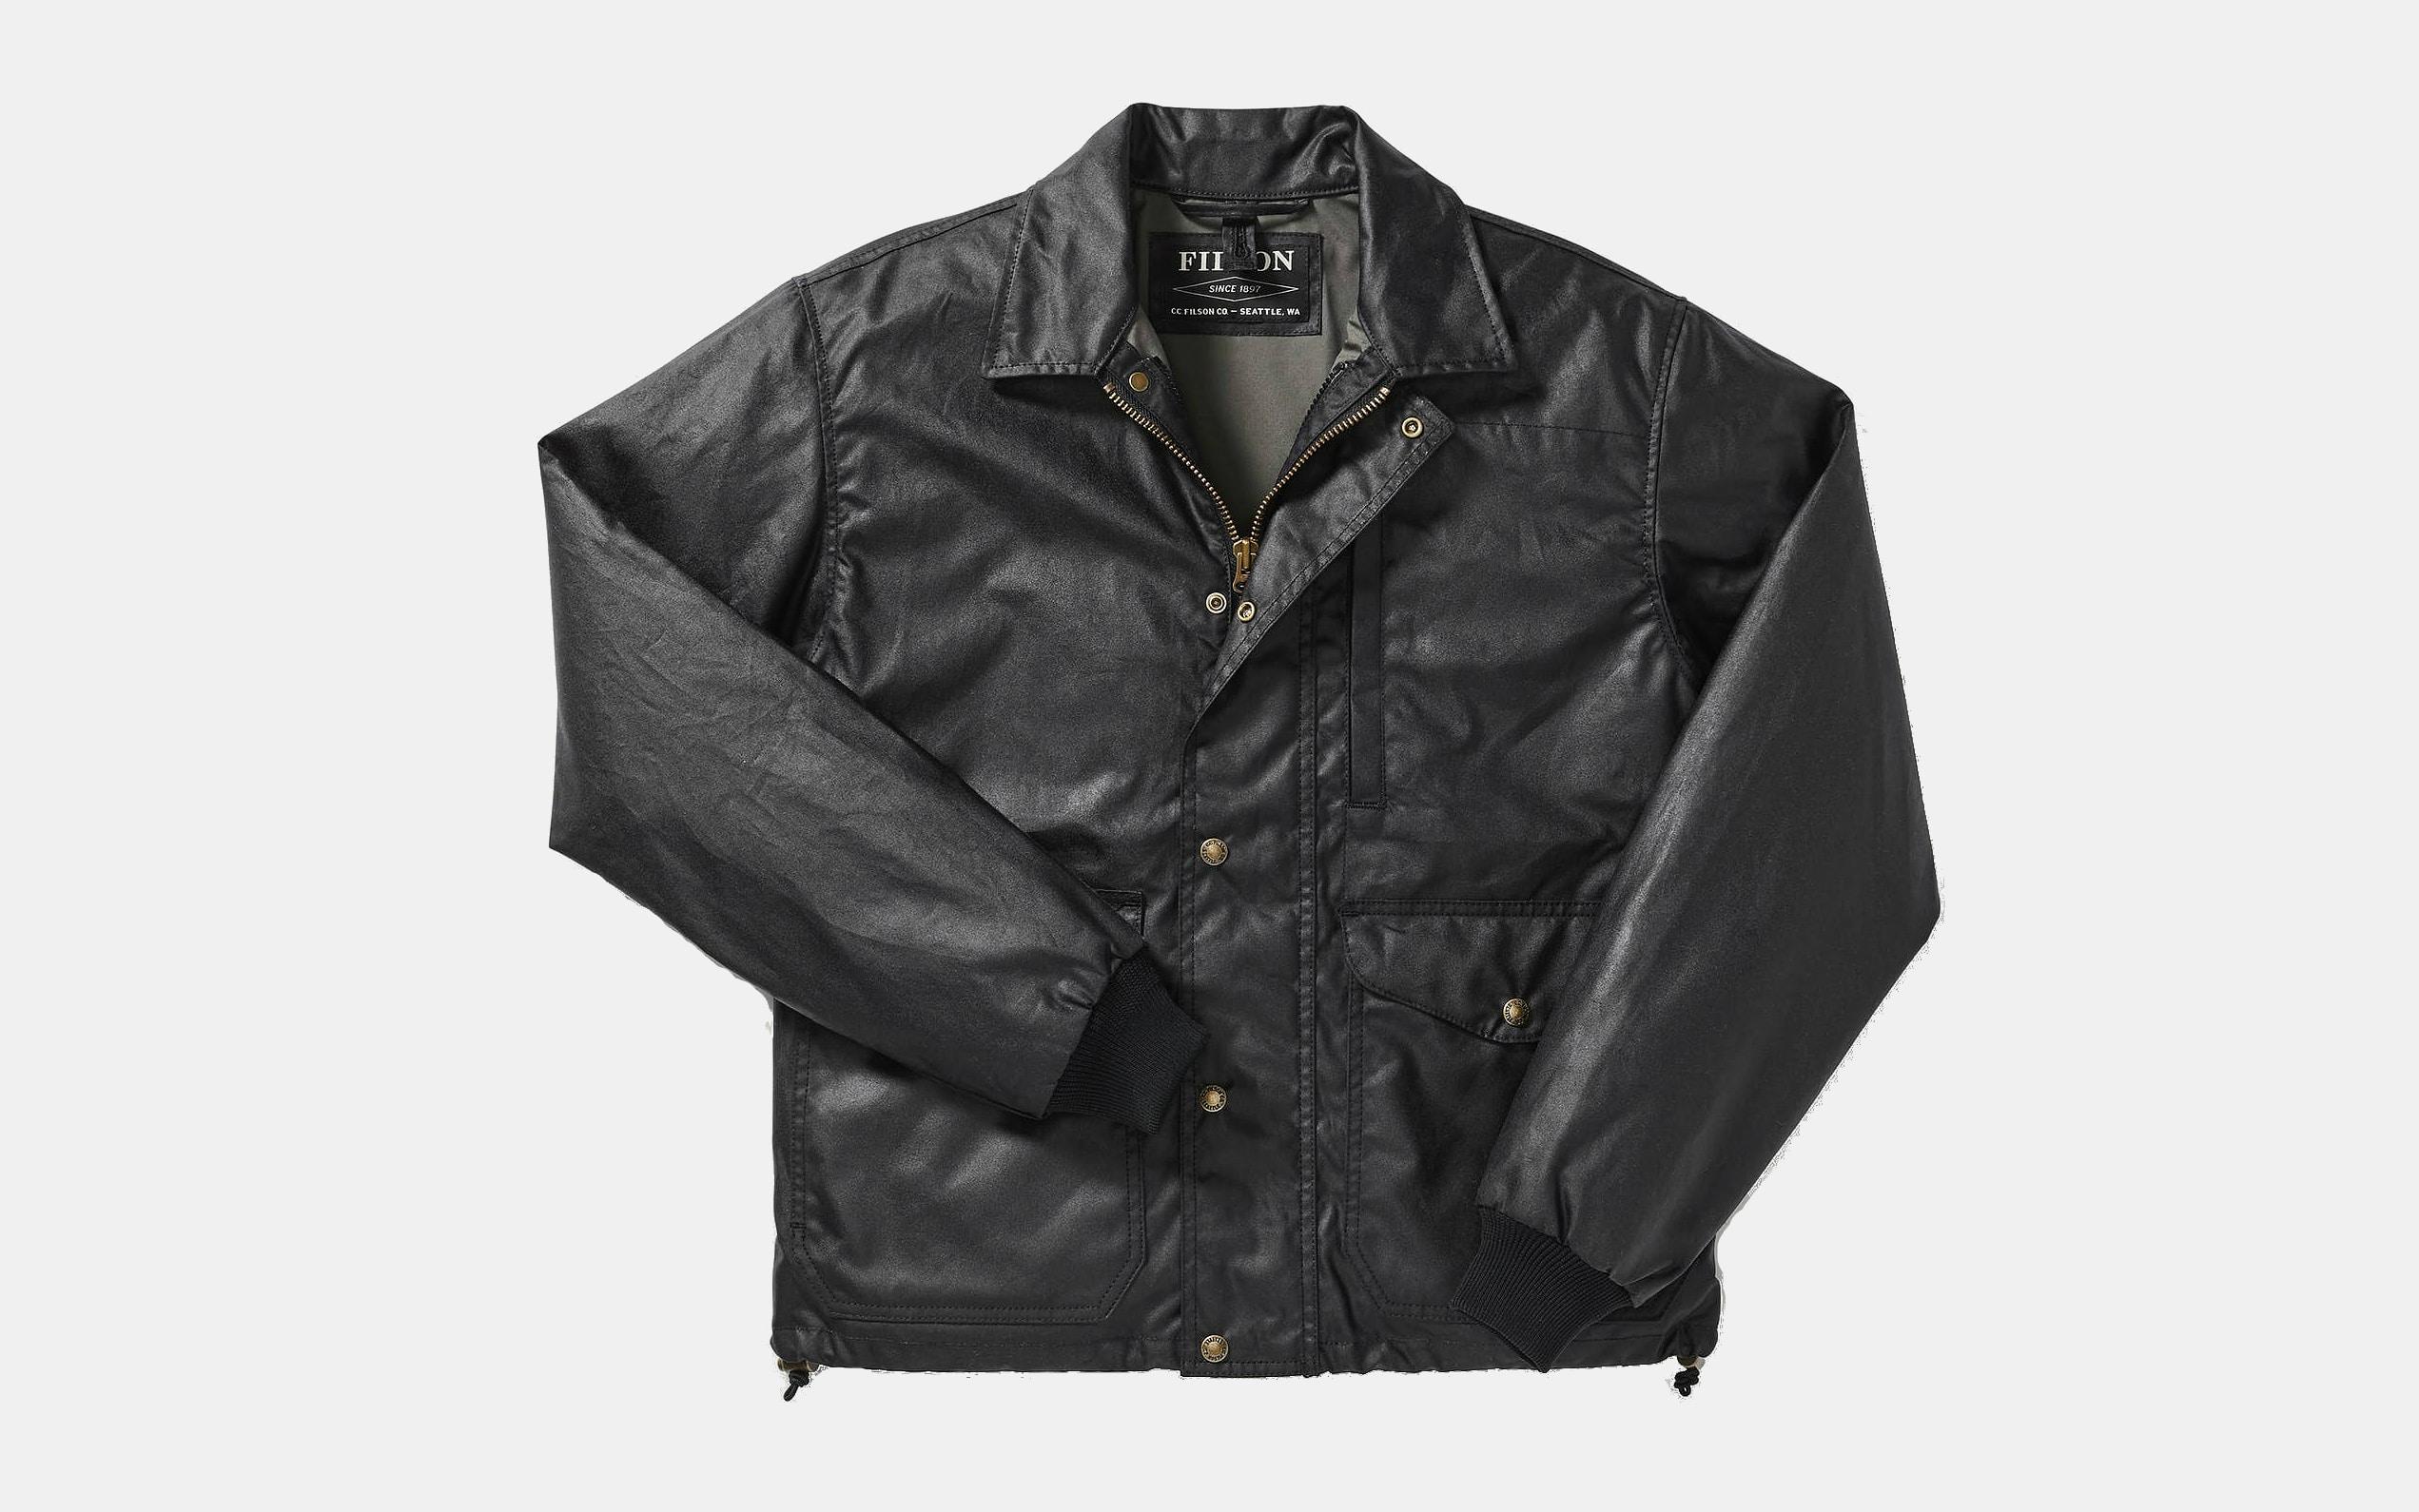 Filson Cover Cloth Aberdeen Work Jacket